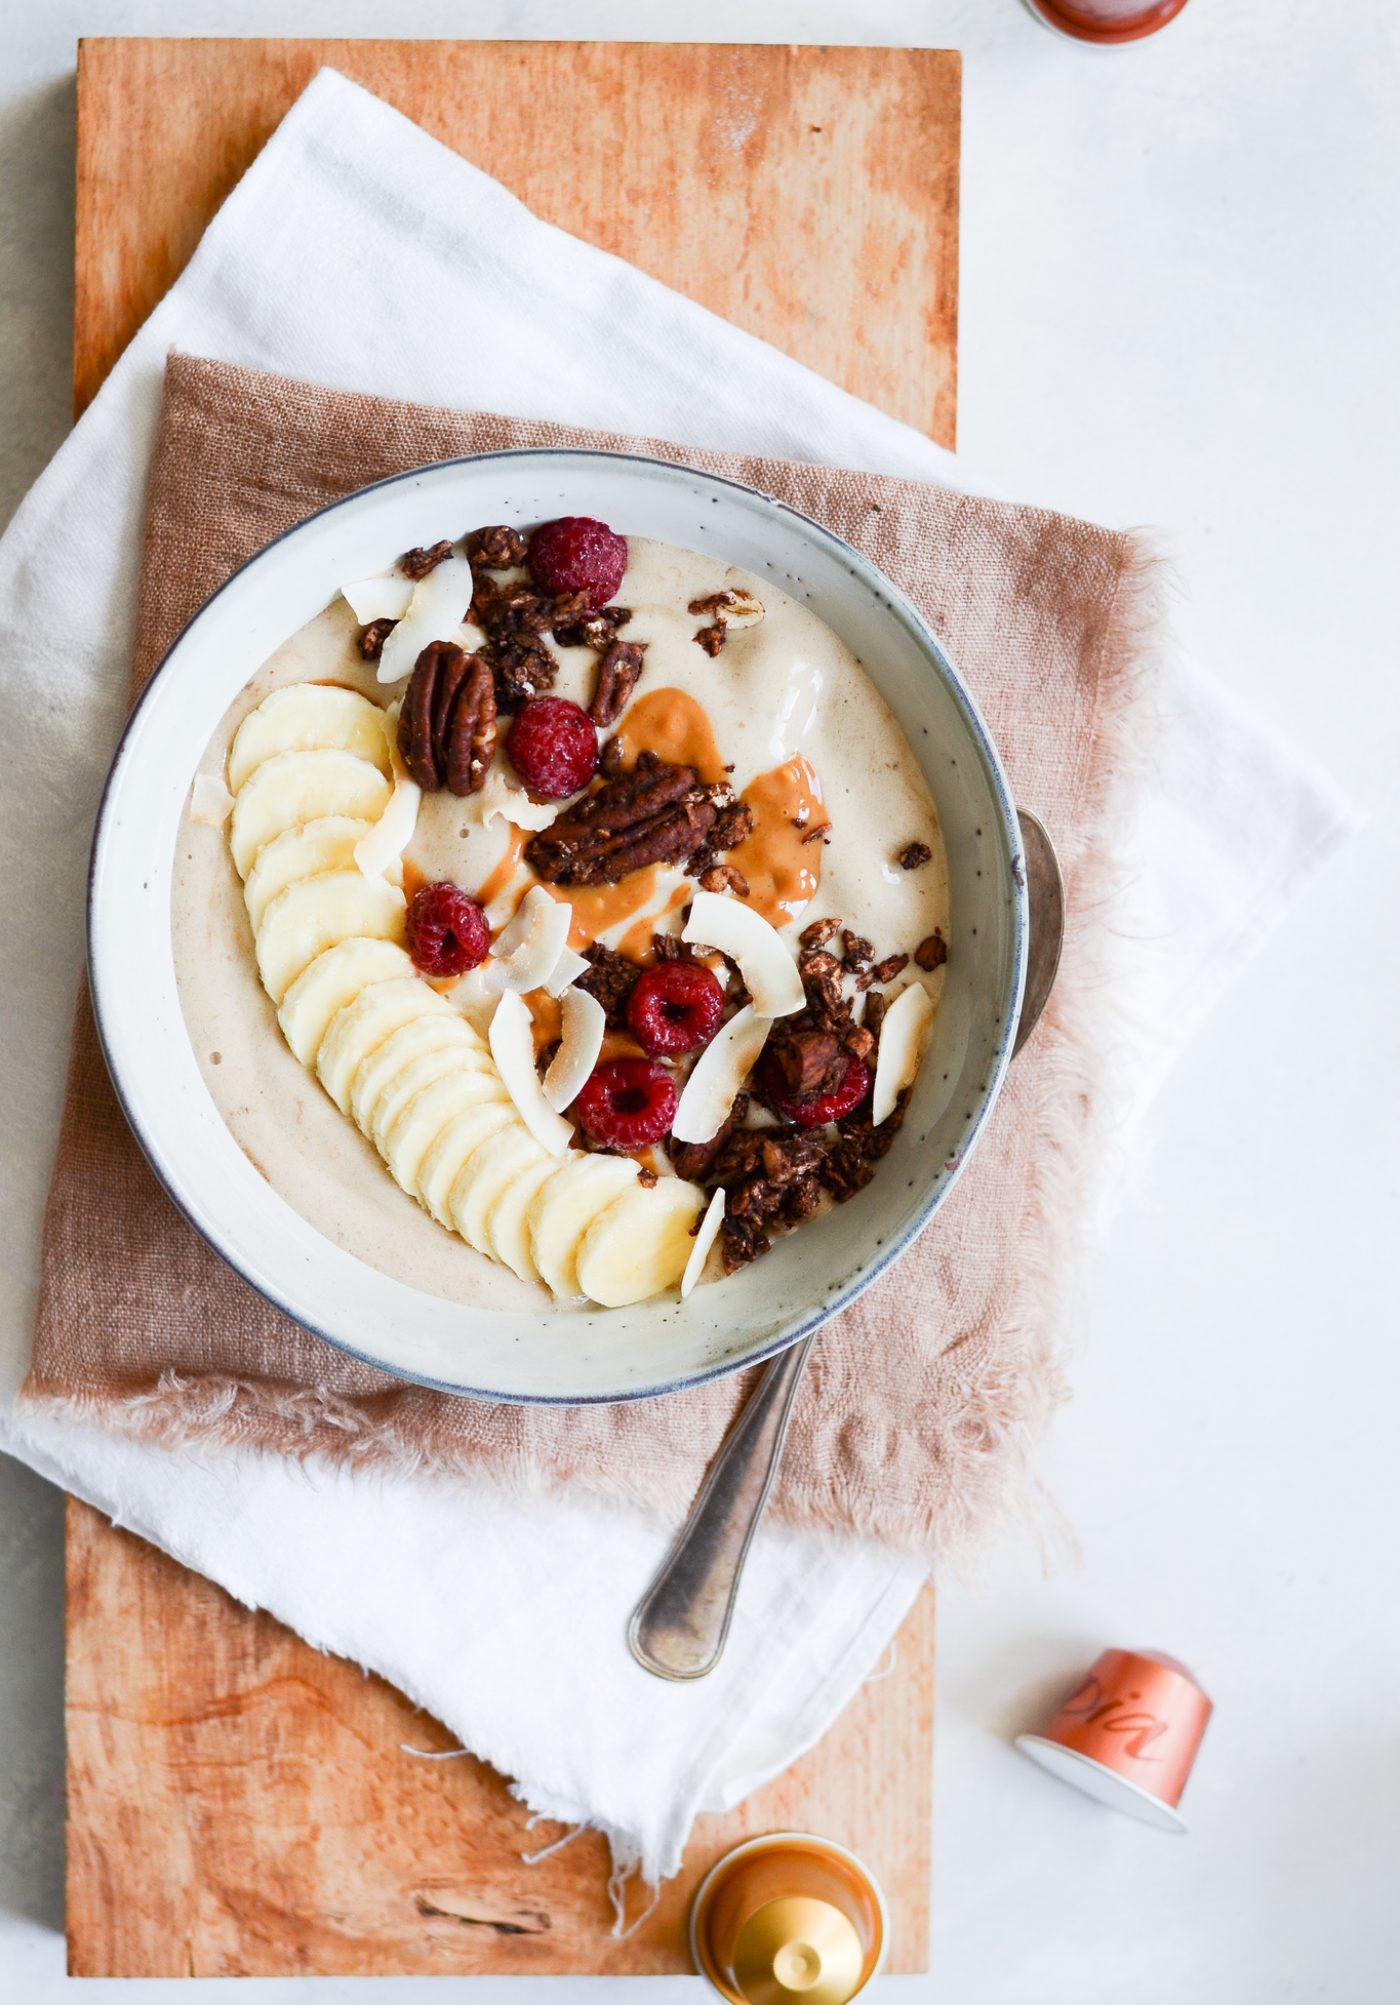 banansmoothie-med-peanutbutter-og-kaffe-opskrift-6